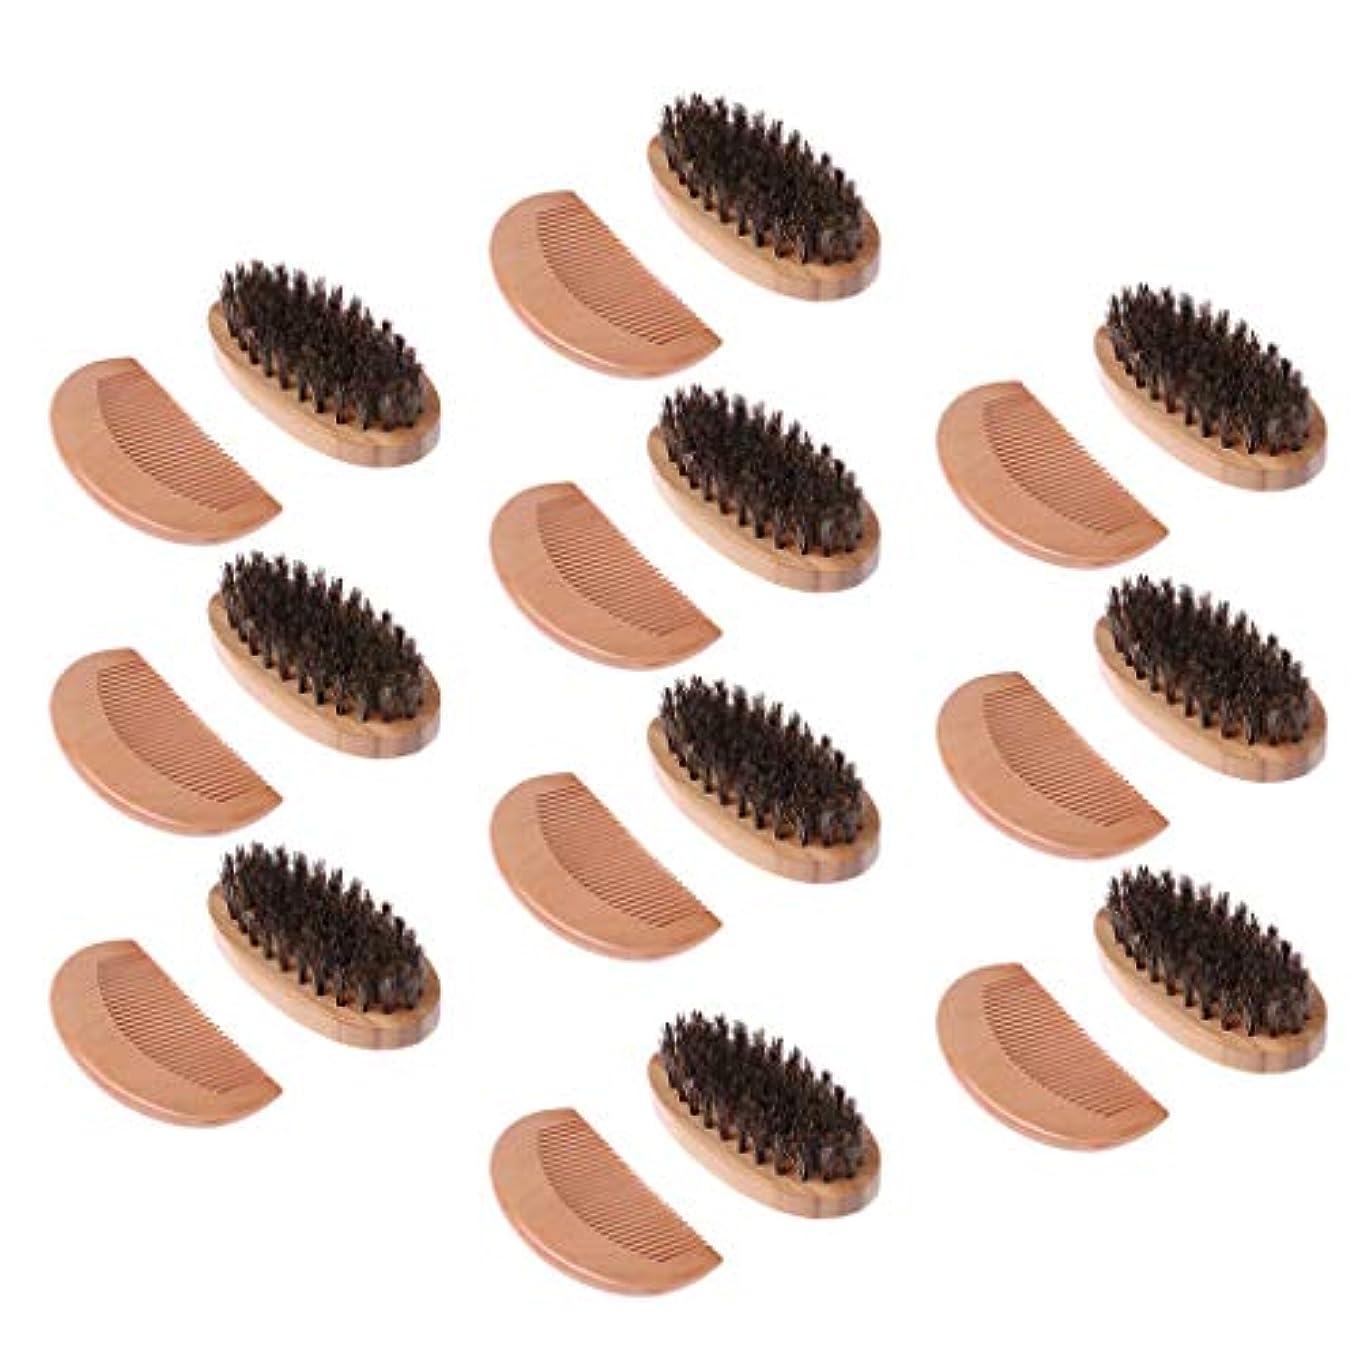 アーティファクト促進する瀬戸際dailymall 10イノシシの毛の毛のひげの口ひげの手入れをするブラシ及び人のための木の櫛